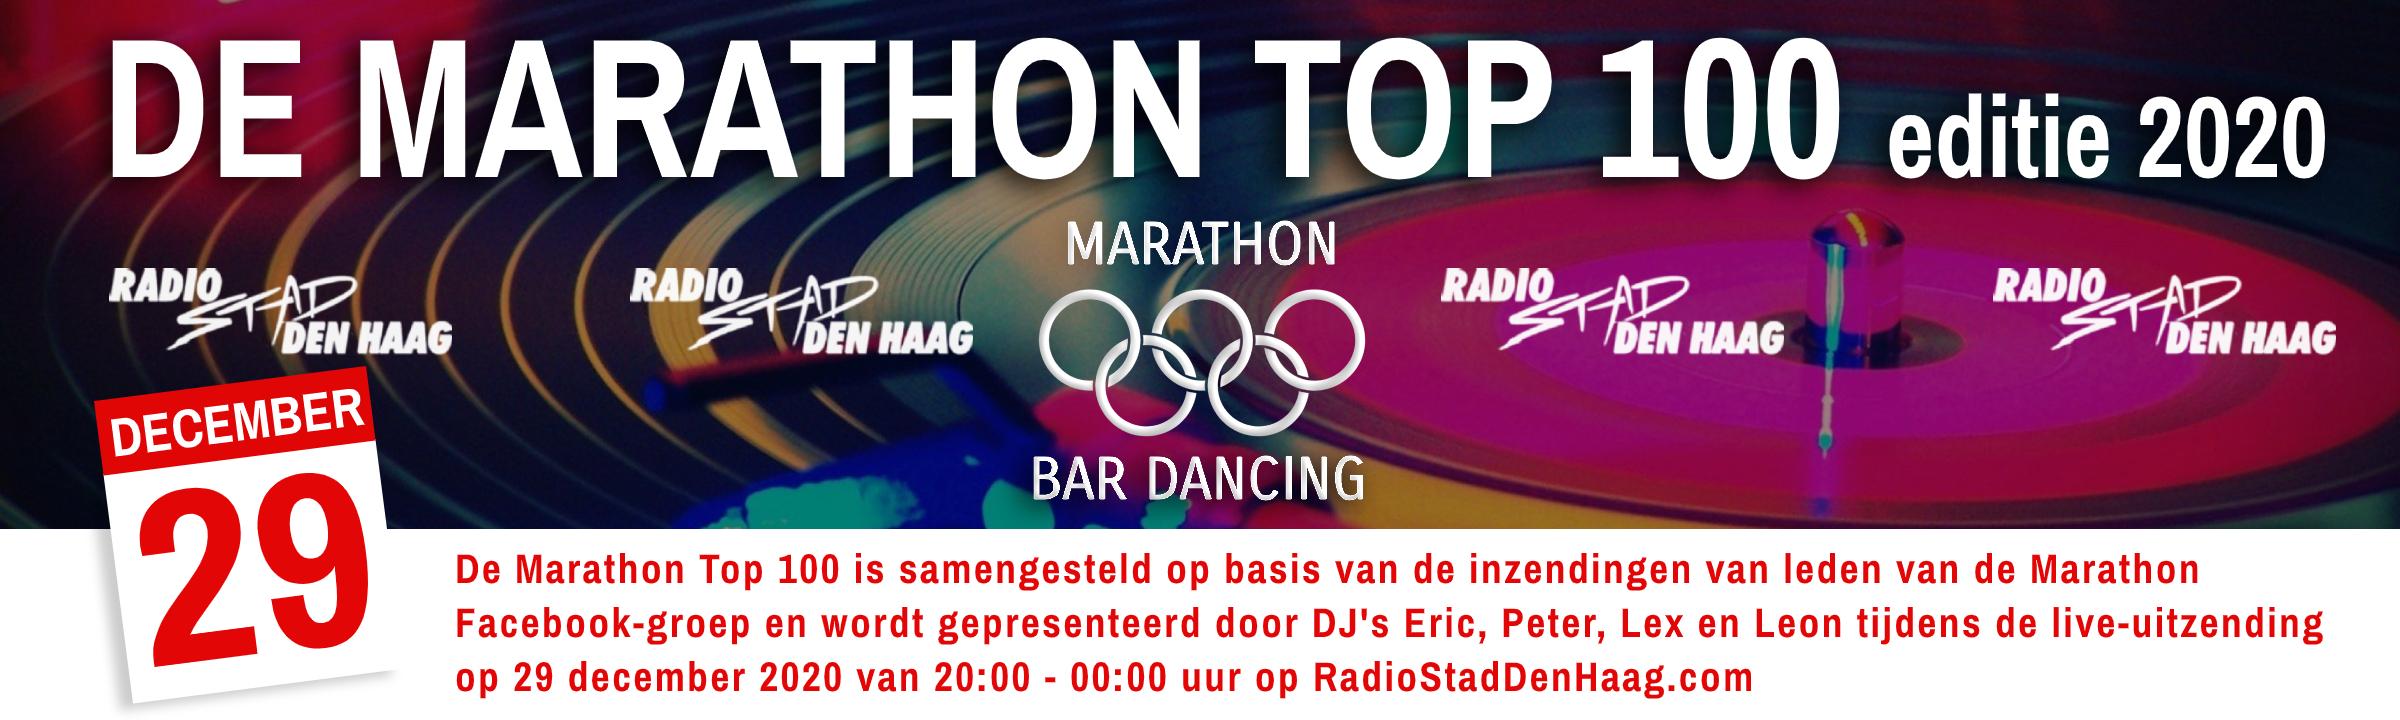 Header All Time Marathon Top 100 by Dirk van den Broek